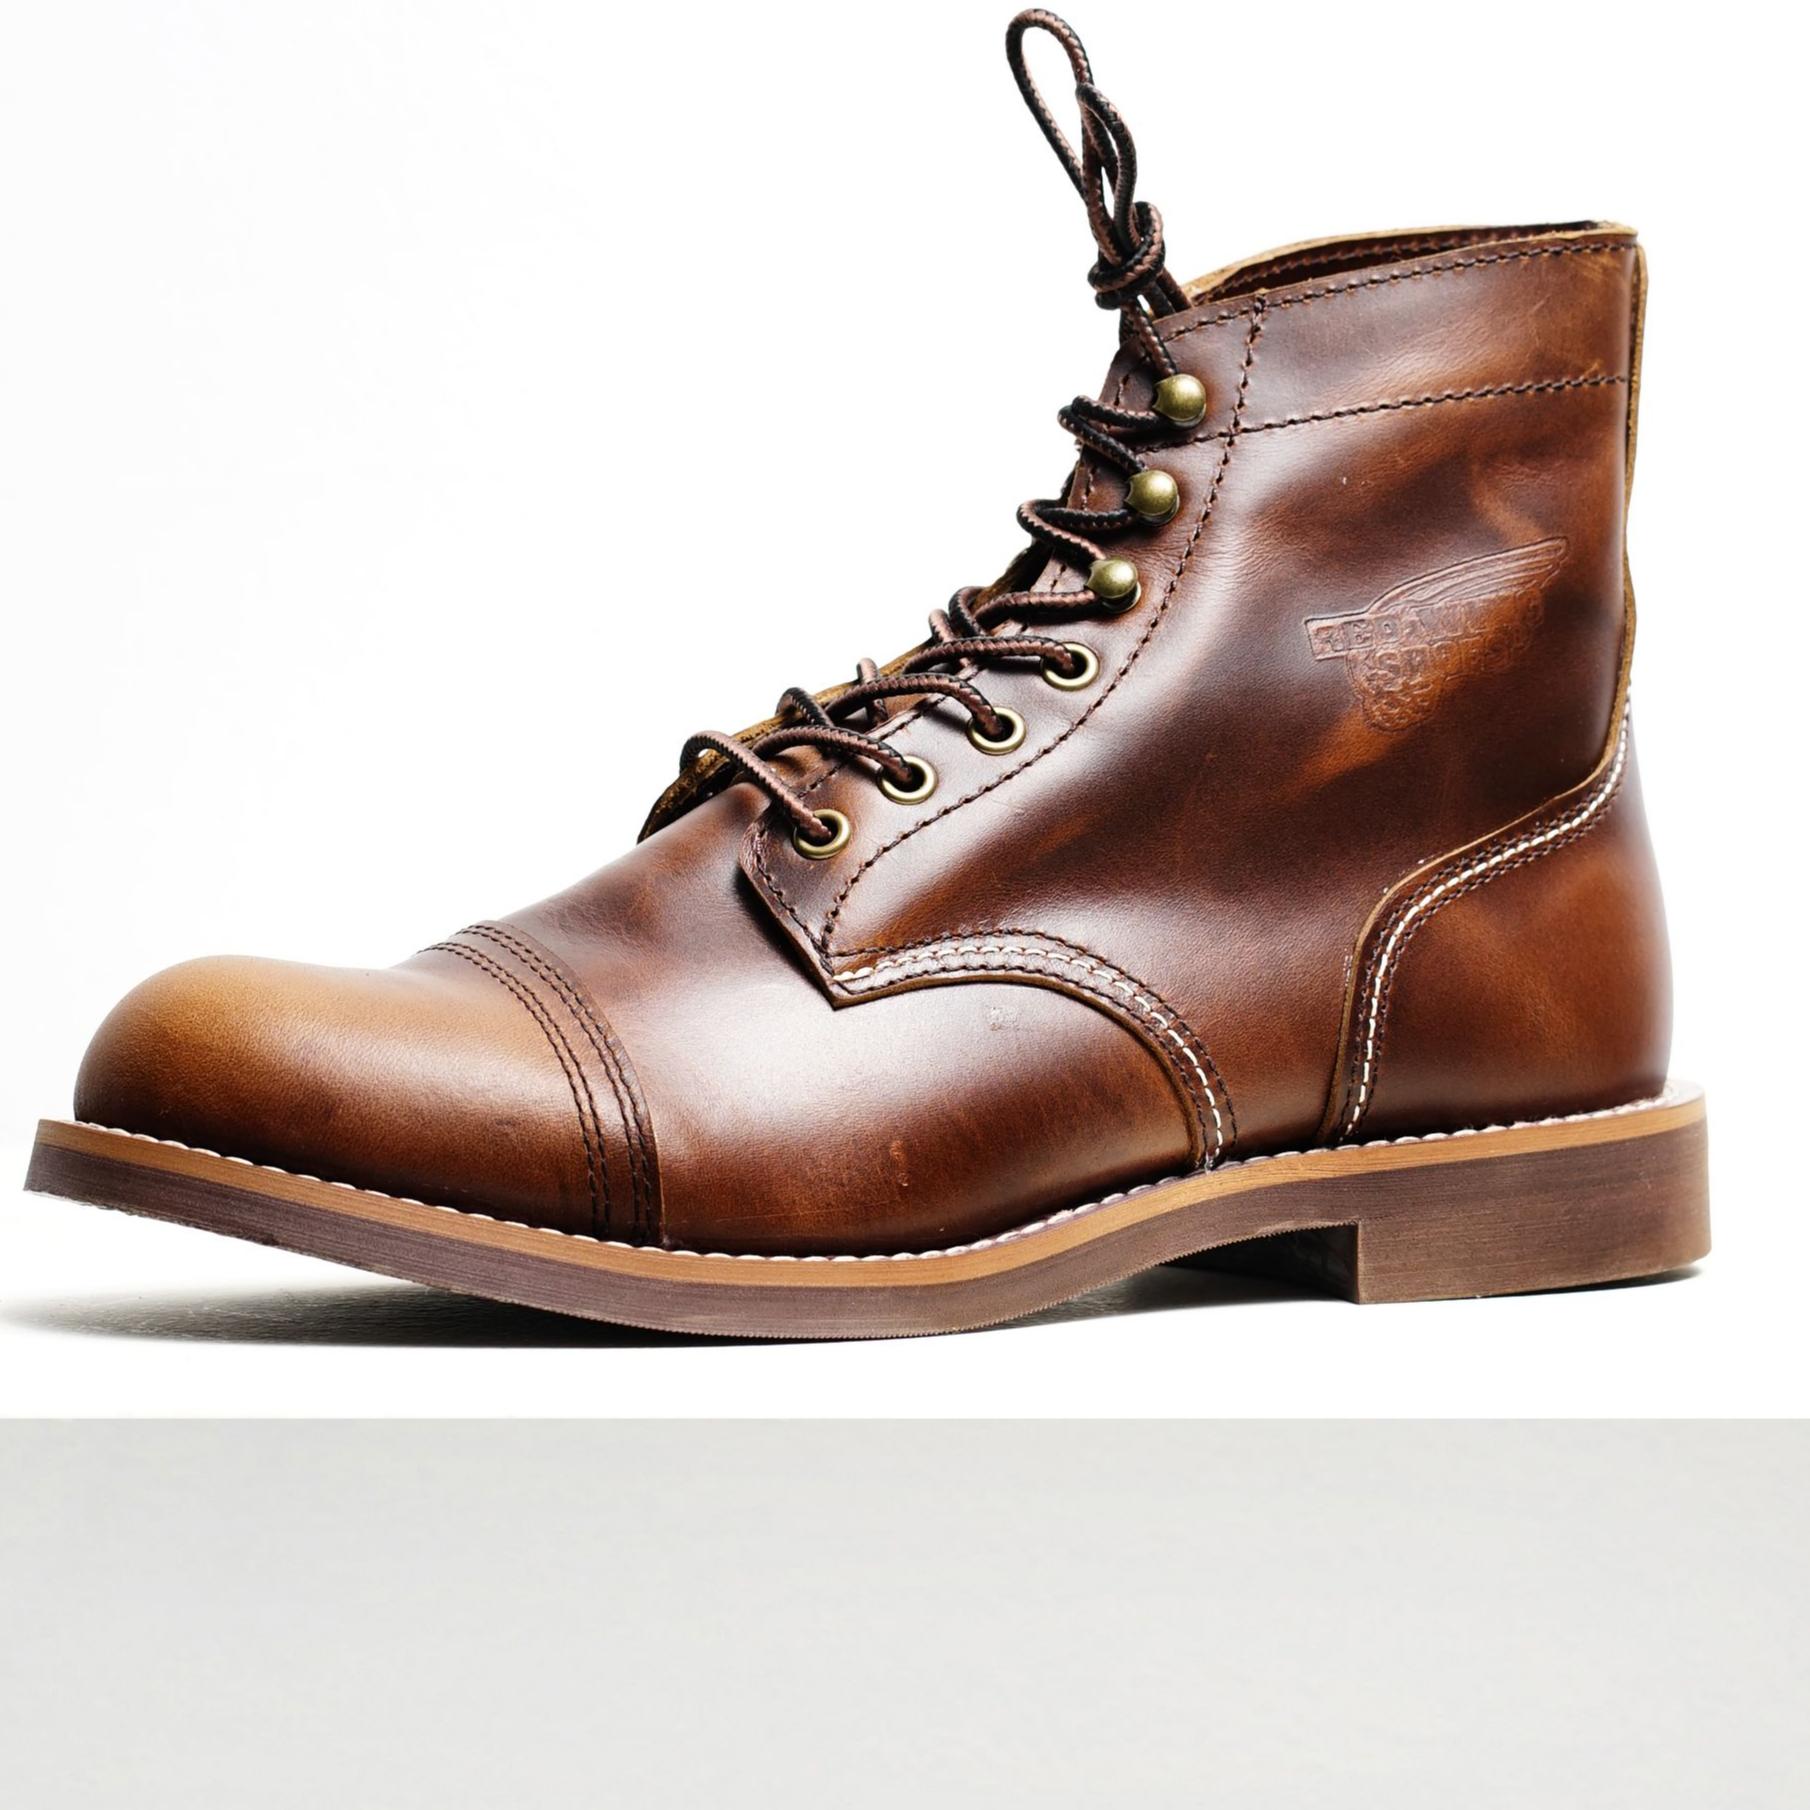 Giày Boot Nam Cao Cổ IRON Nâu Da Bóng Mũi Tròn Bụi Bặm Đế Khâu Chắc Chắn Phong Cách Biker Đường Phố Bảo Hành 1 Năm